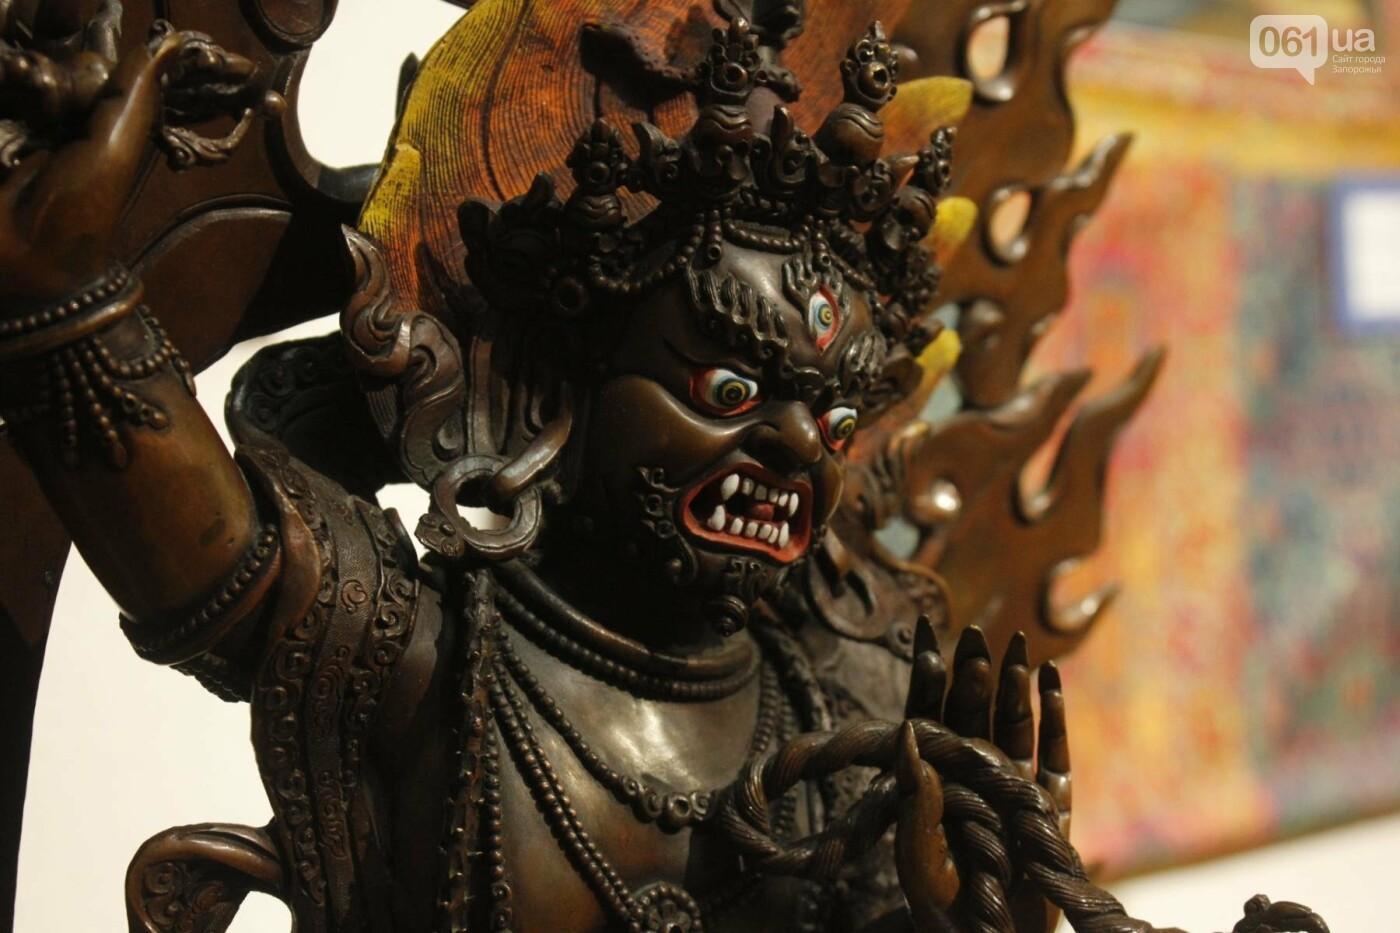 """В Запорожье выставка """"Сокровища Тибета"""" открыла Дни буддийской культуры, - ФОТОРЕПОРТАЖ, фото-2"""